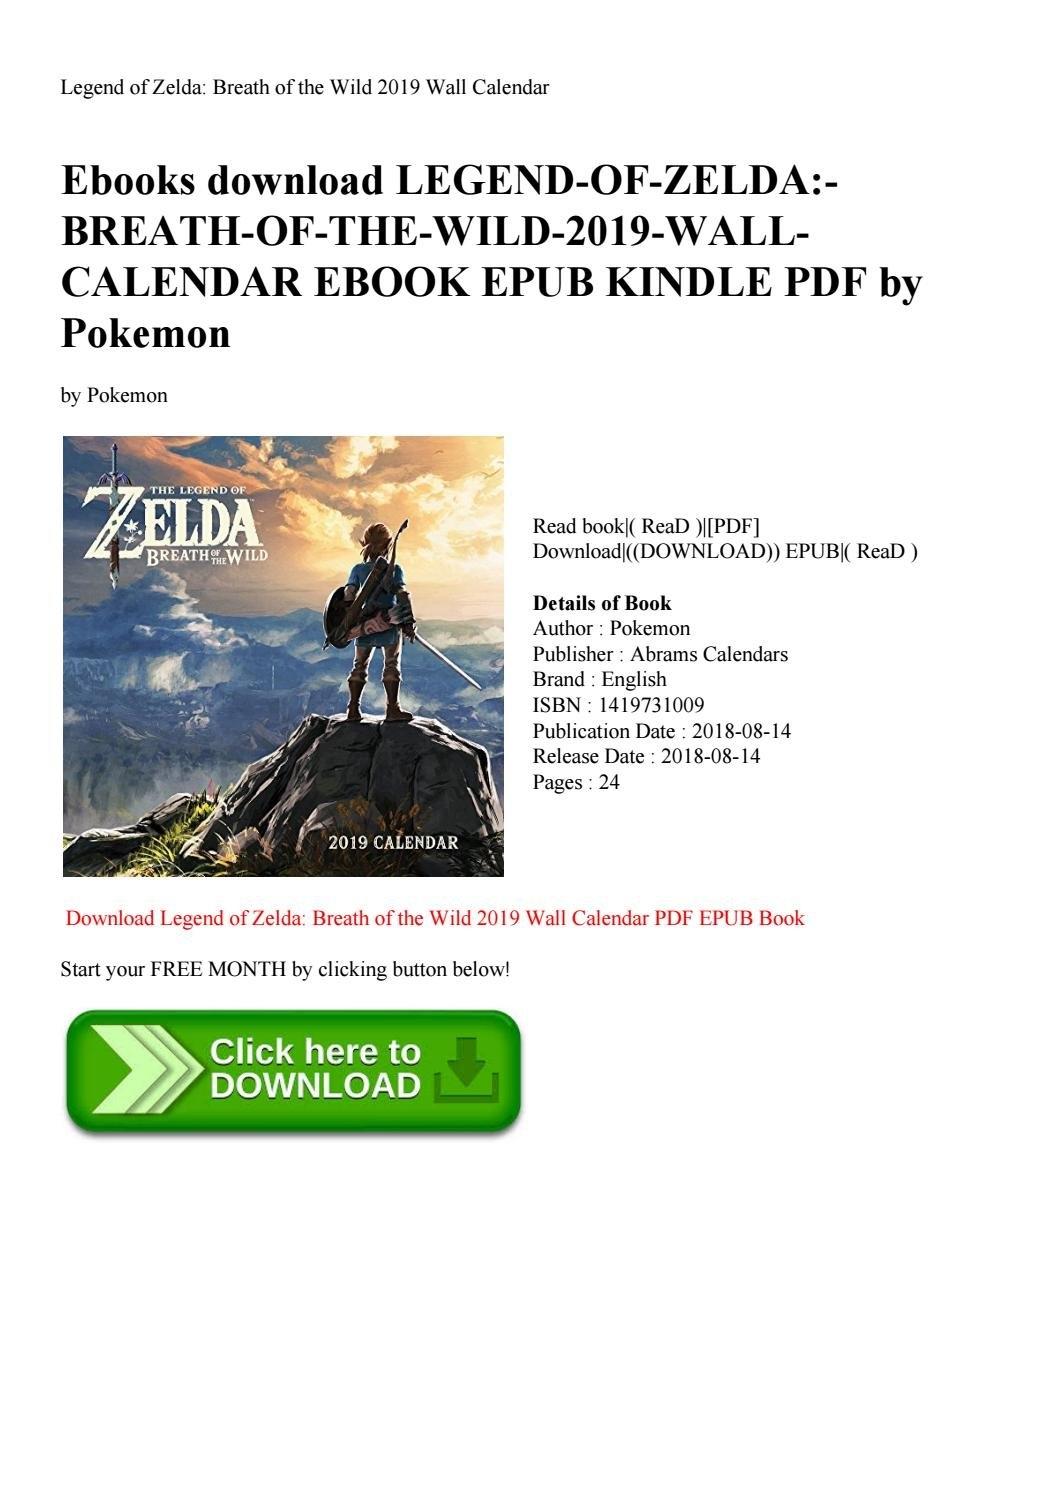 Ebooks Download Legend-Of-Zelda-Breath-Of-The-Wild-2019-Wall Zelda Calendar 2019